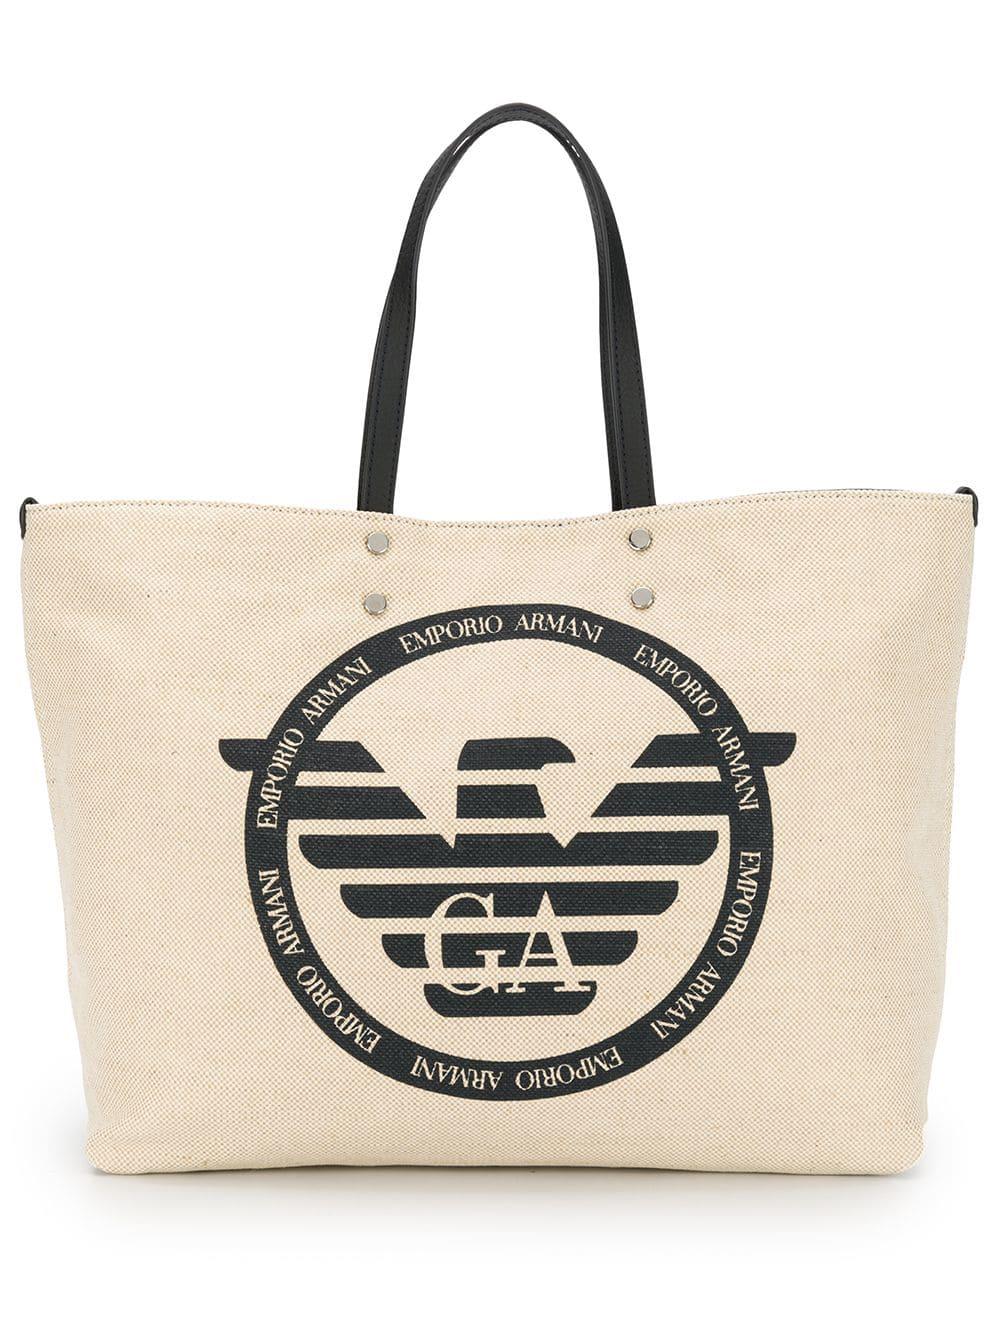 a80fd1be09eb Emporio Armani Logo Canvas Tote - Neutrals